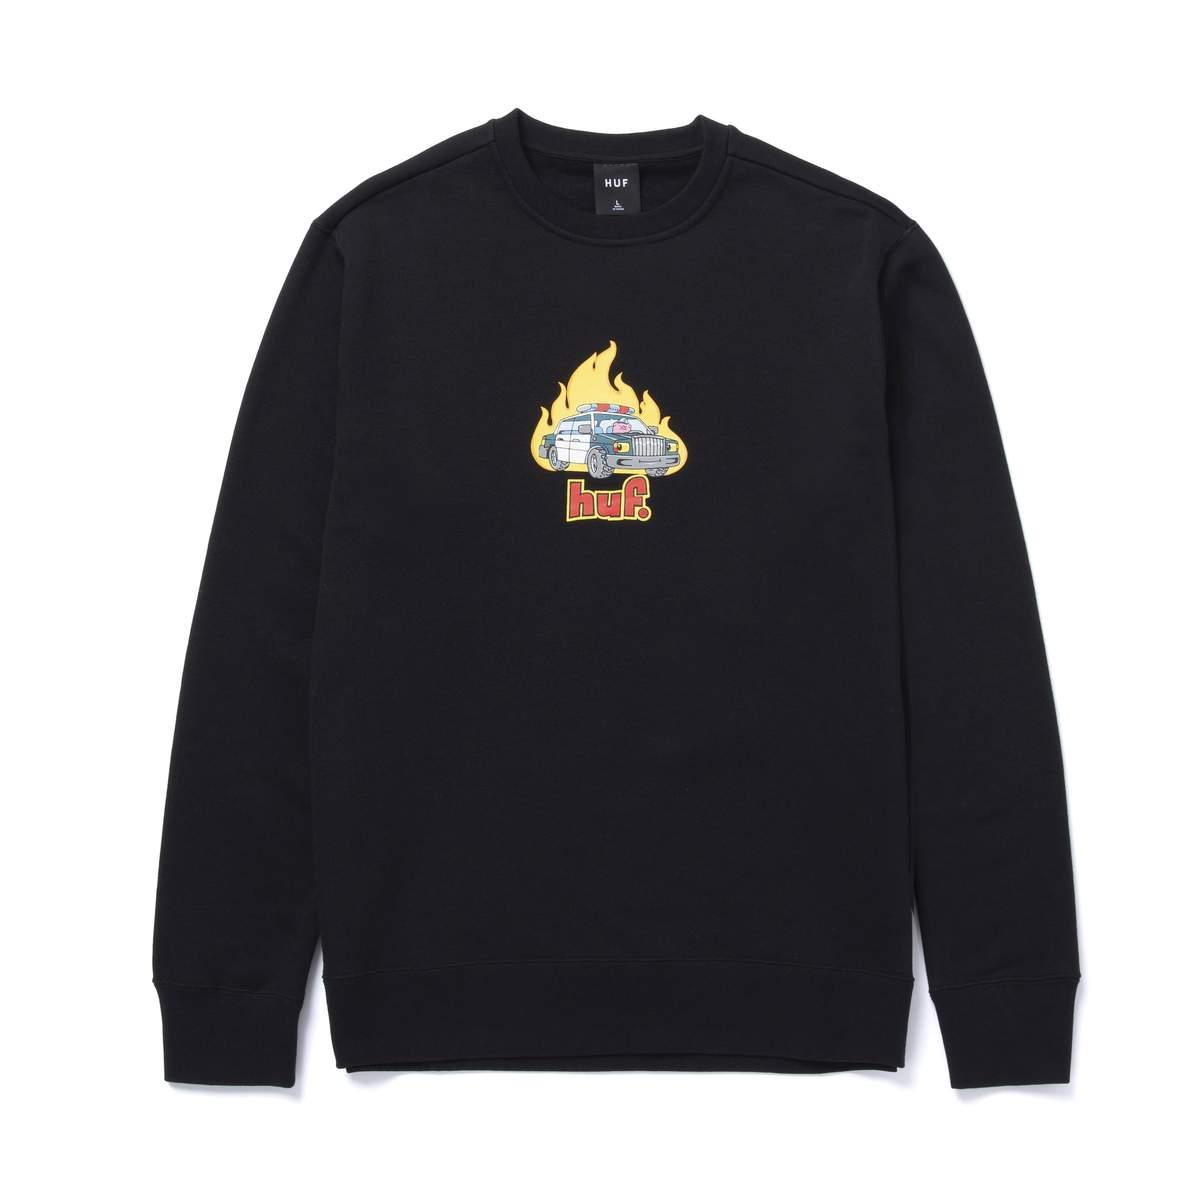 画像1: HUF Roasted Crew Sweatshirts Black / ハフ クルーネック スウェット (1)